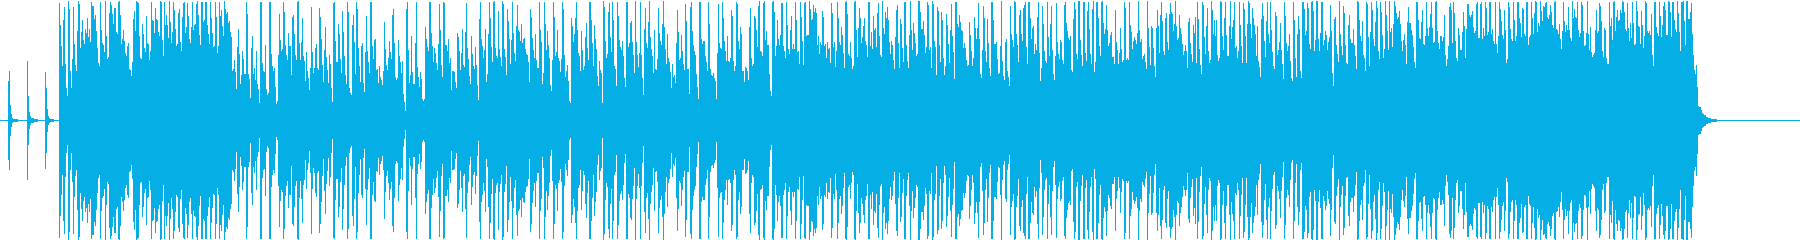 ファンキーでチャラい、リゾートビーチ曲の再生済みの波形